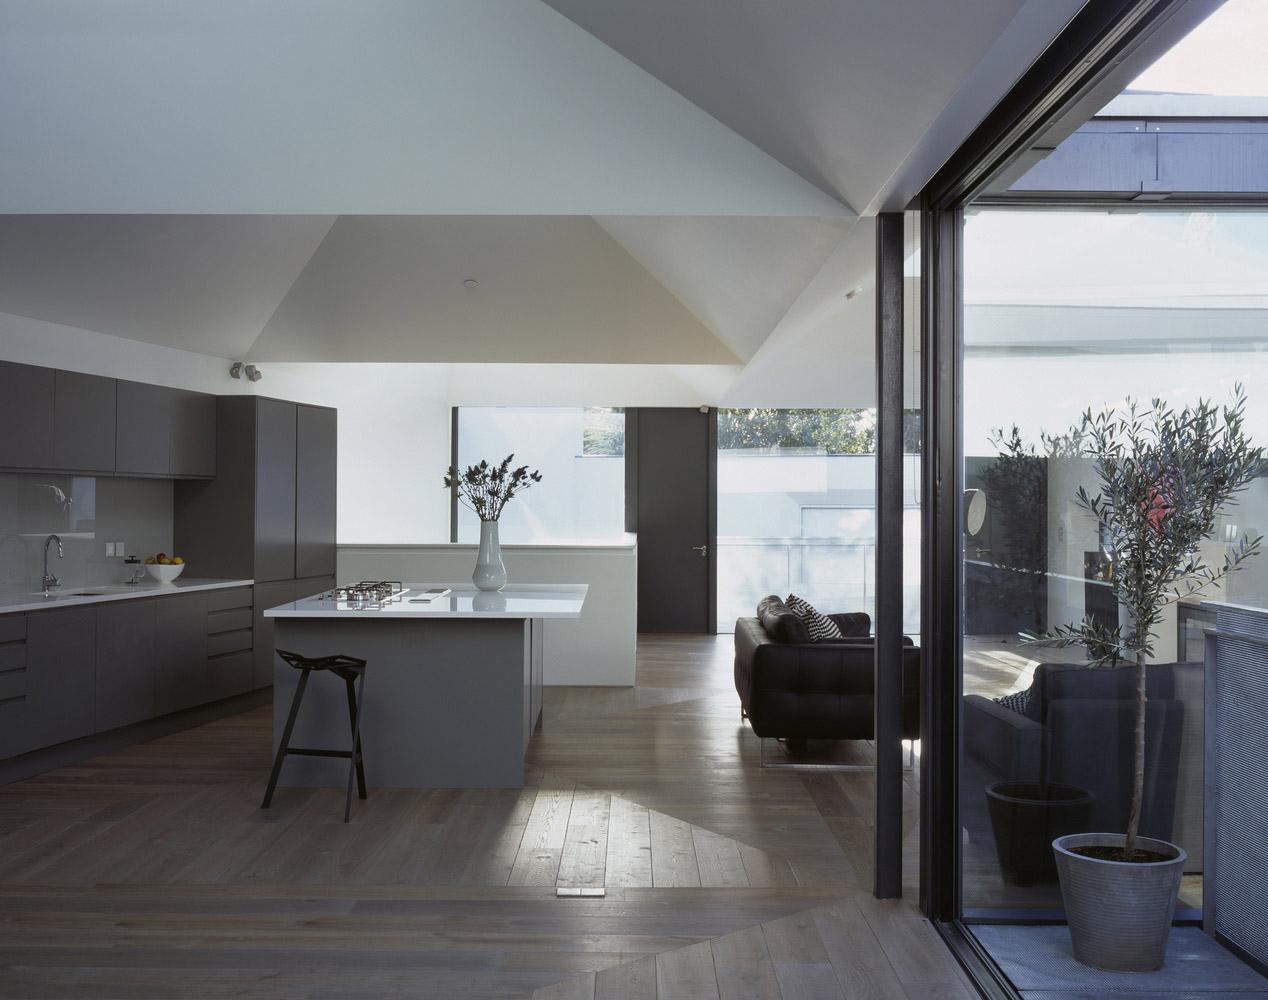 Wooden floor interior